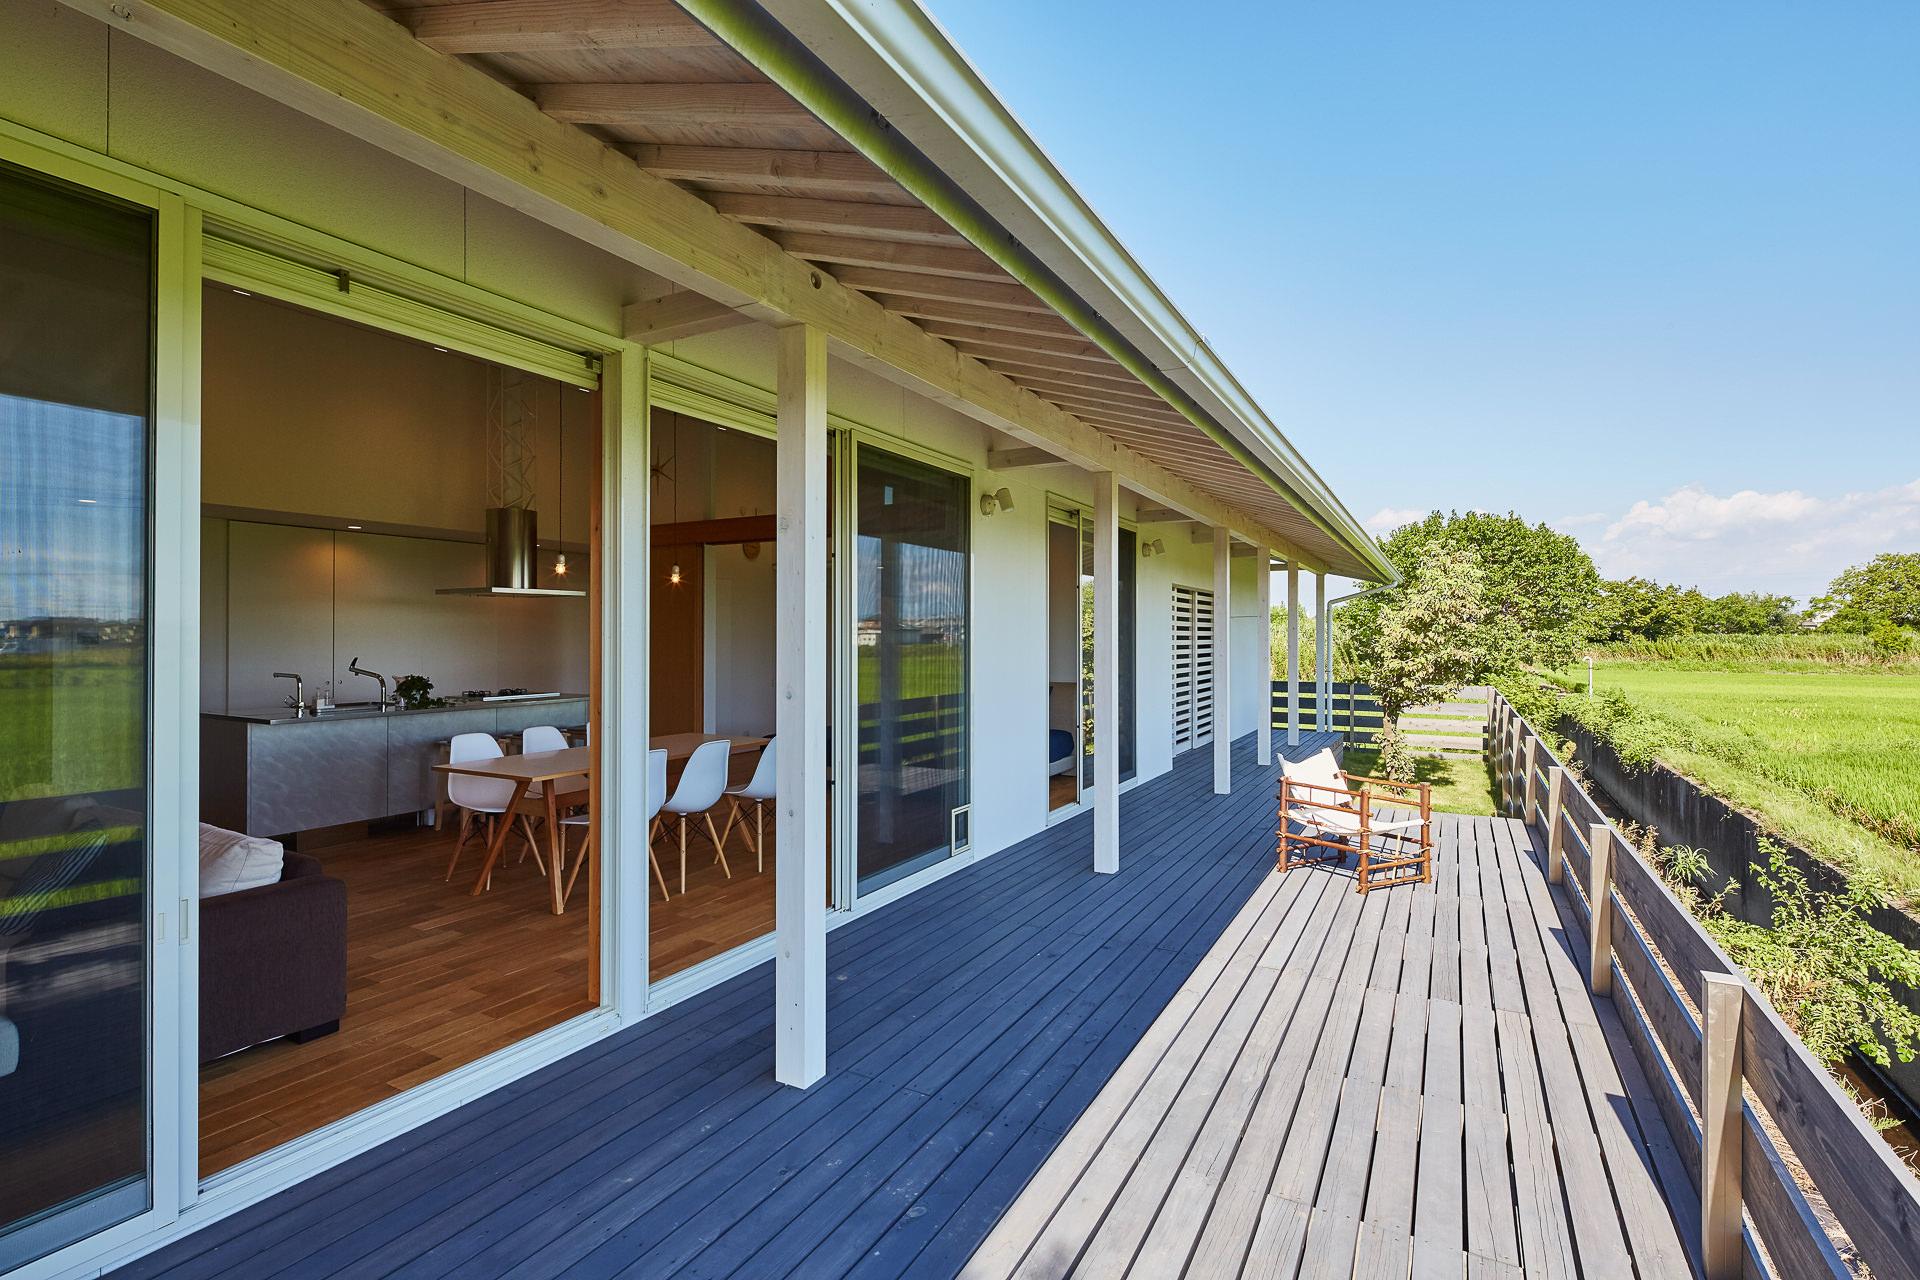 愛知県一宮市 「川原の家」木造住宅 平屋建ガレージハウス 竣工写真2